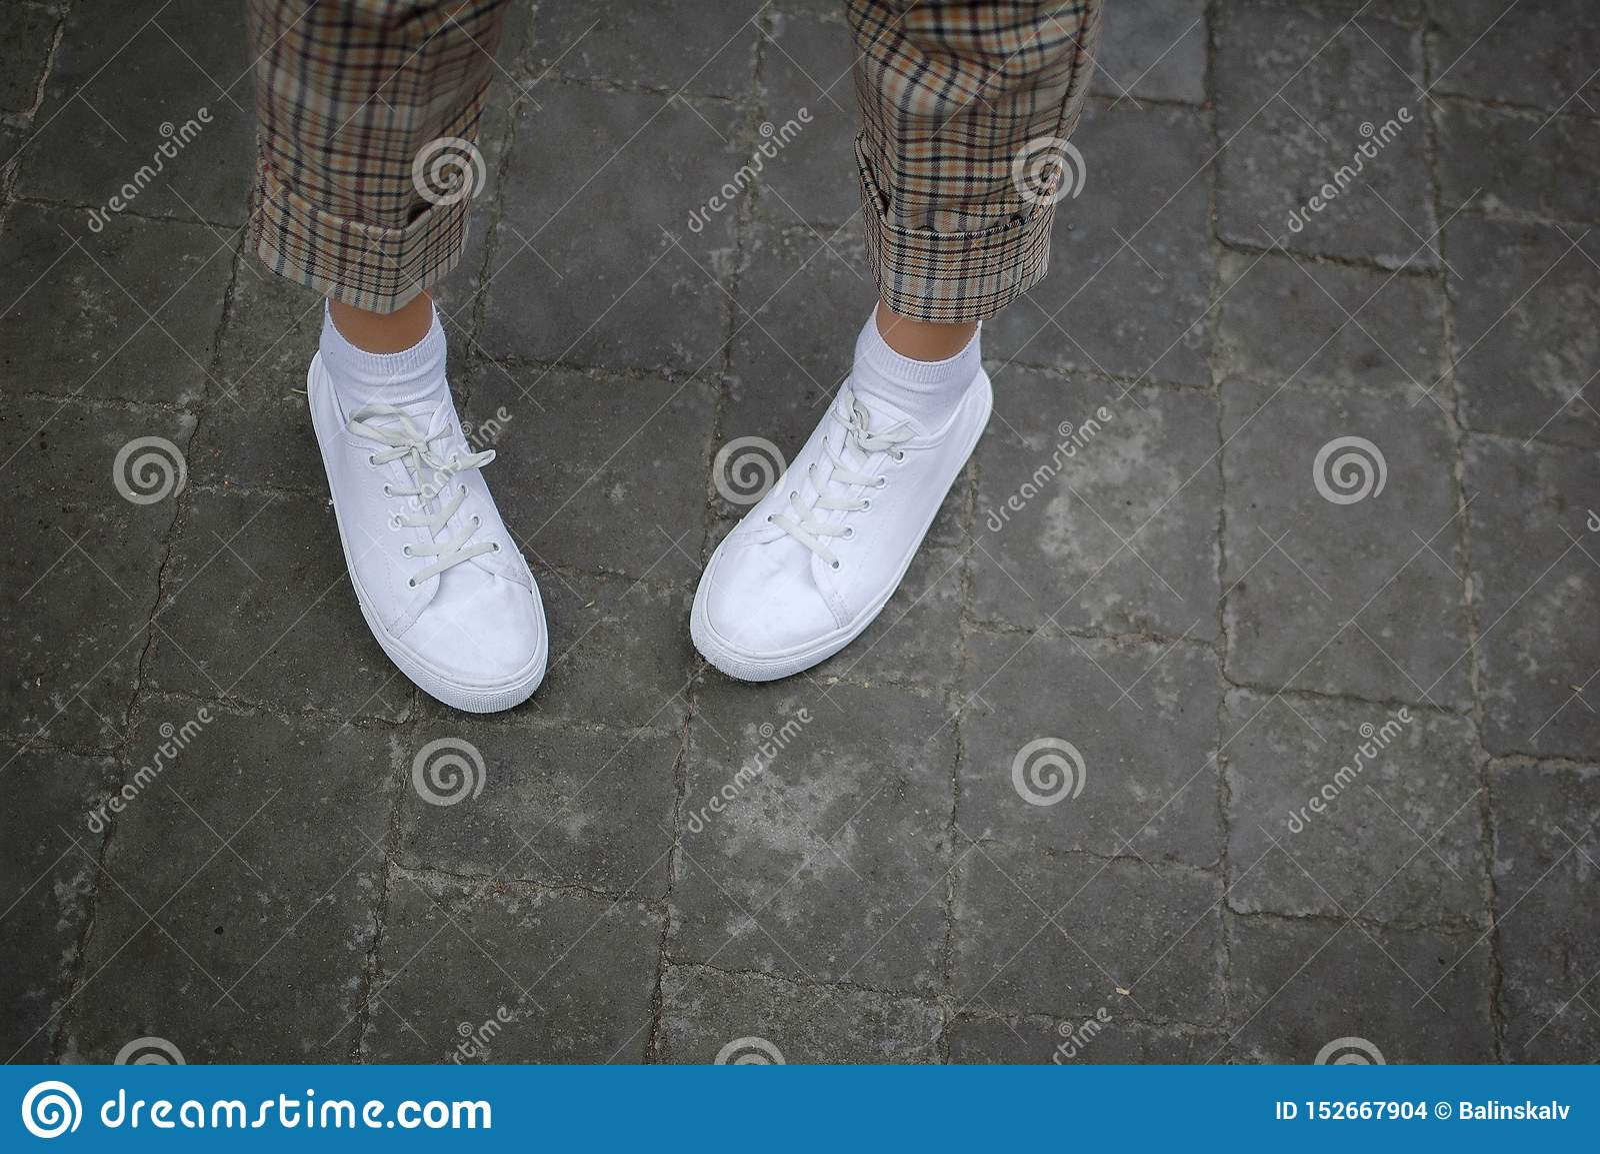 Τα πόδια των γυναικών με τα άσπρα πάνινα παπούτσια και bringht ασθμαίνουν στο δρόμο κατά τη διάρκεια του χρόνου άνοιξης ή καλοκαι